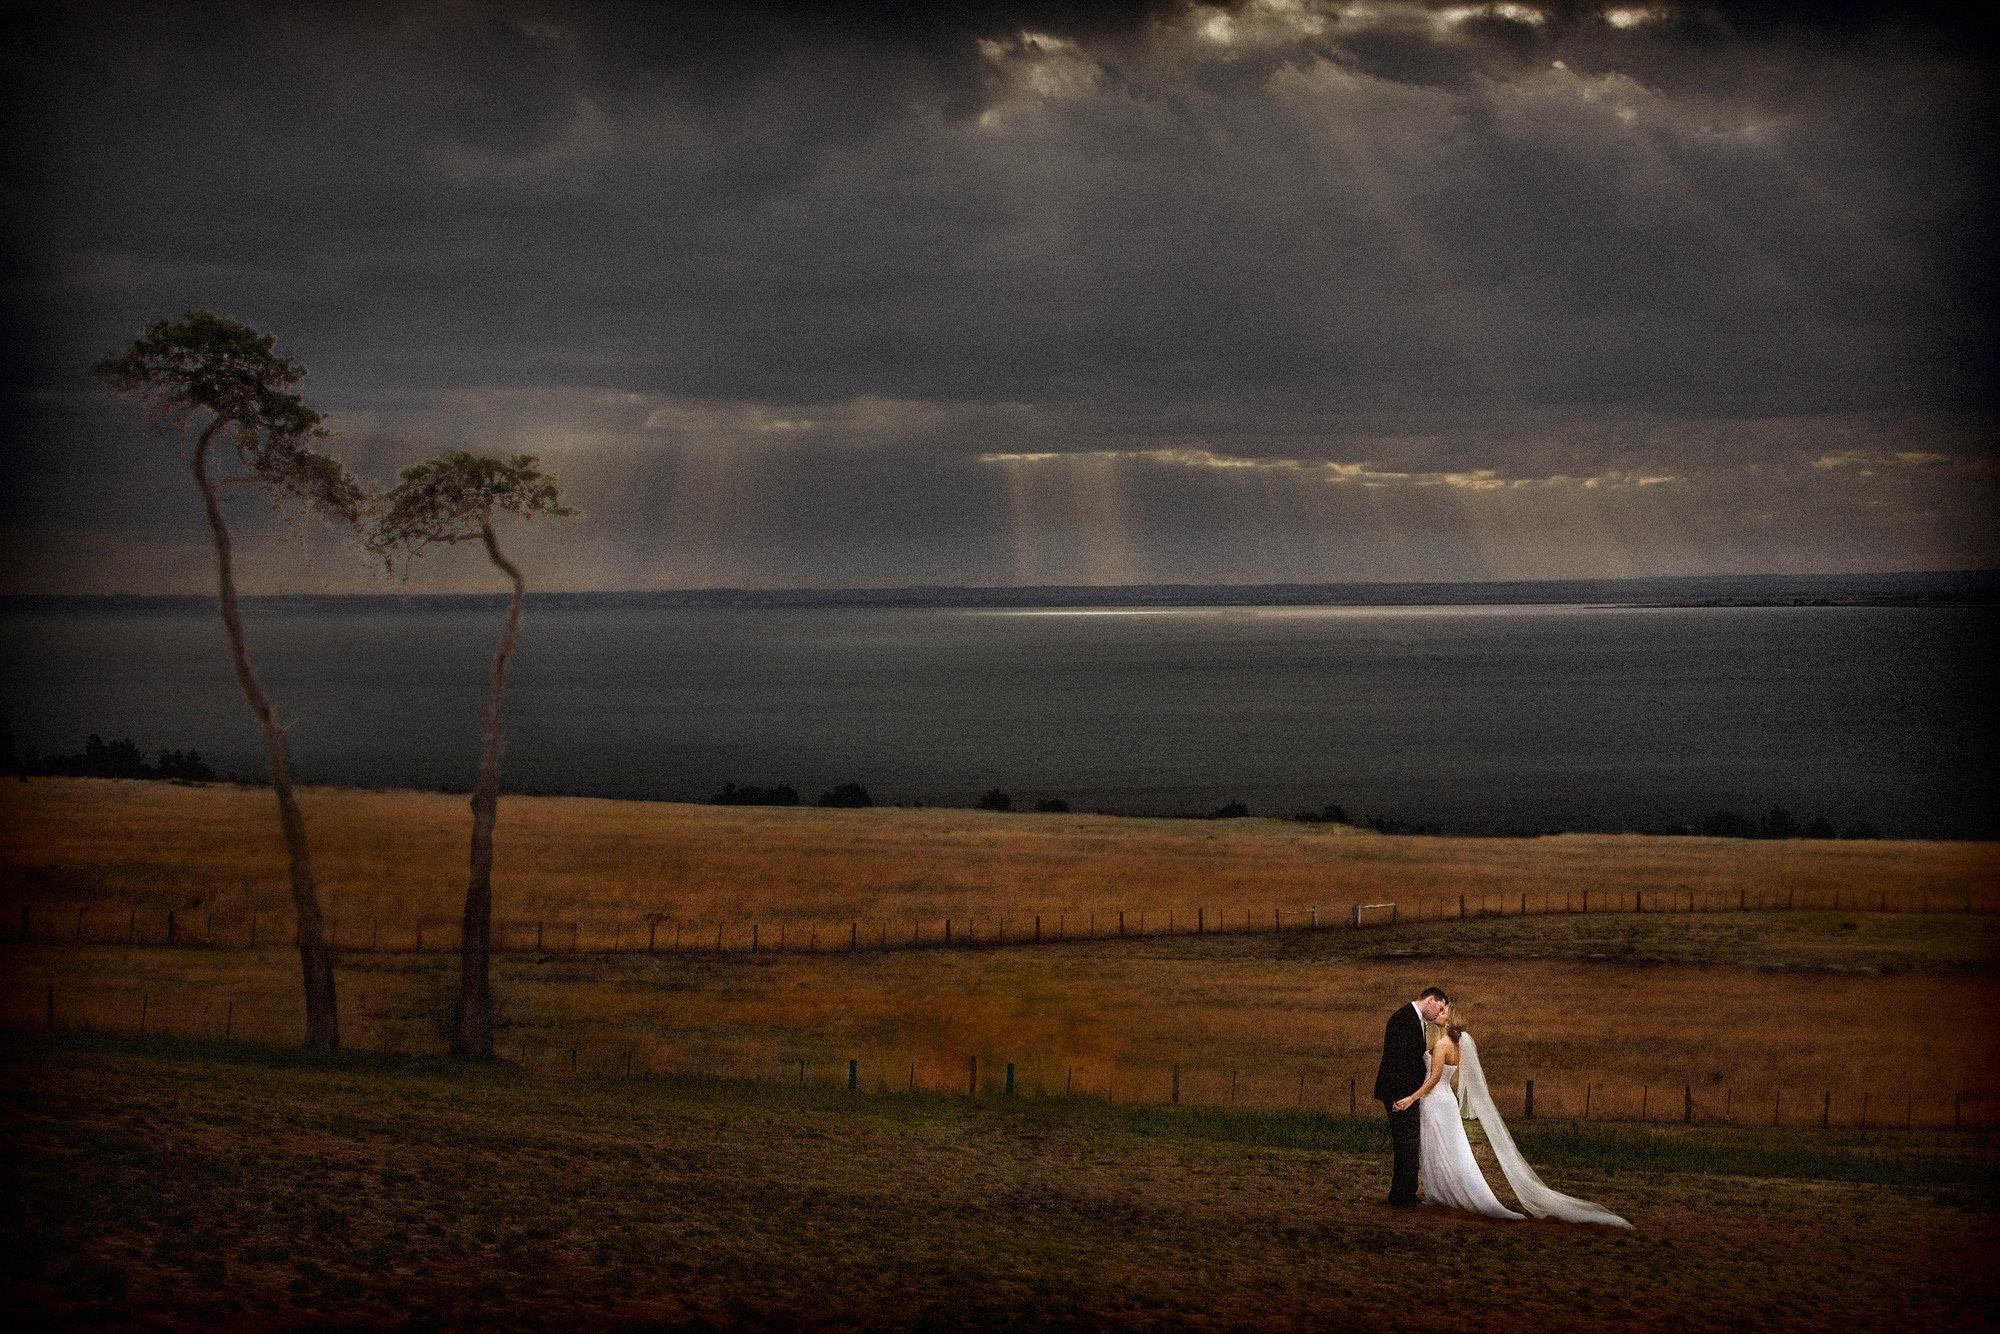 Landscape portrait of couple in open Australian field by Jerry Ghionis